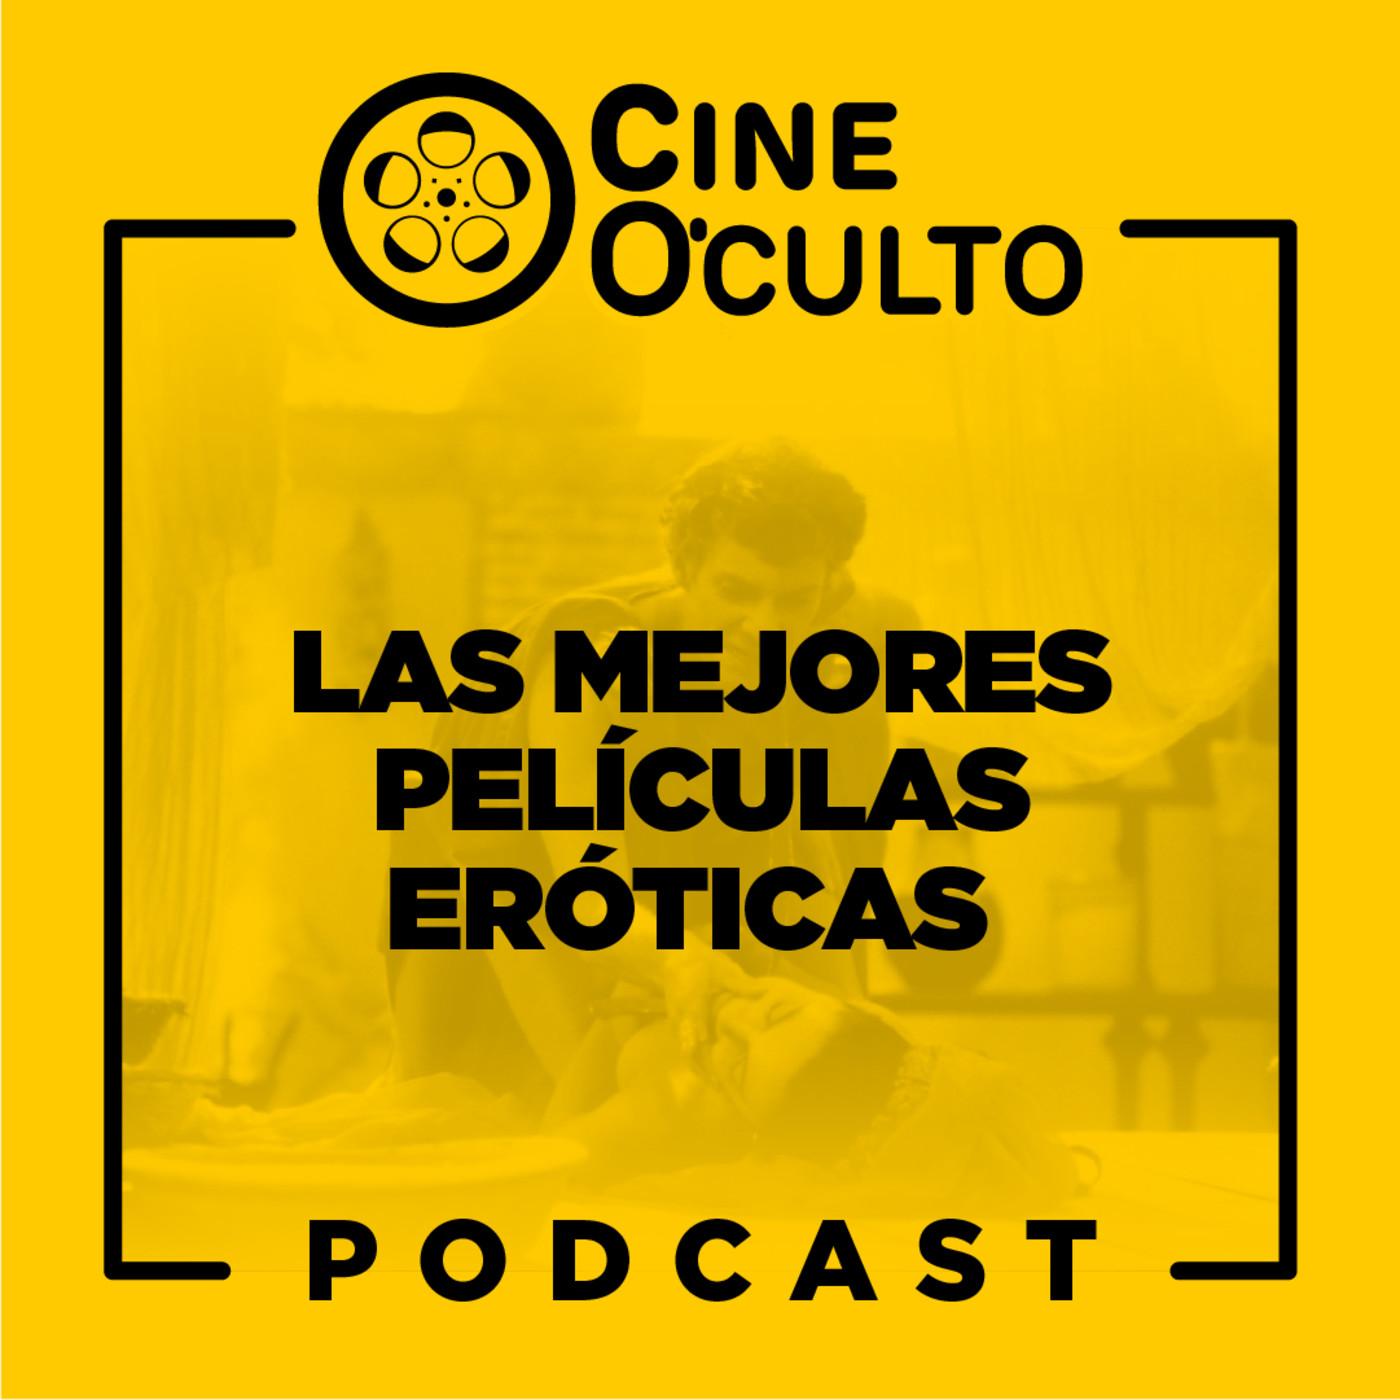 100 Mejores Películas Eróticas Del Cine Español ep 15: mejores películas eróticas en cine o'culto podcast en